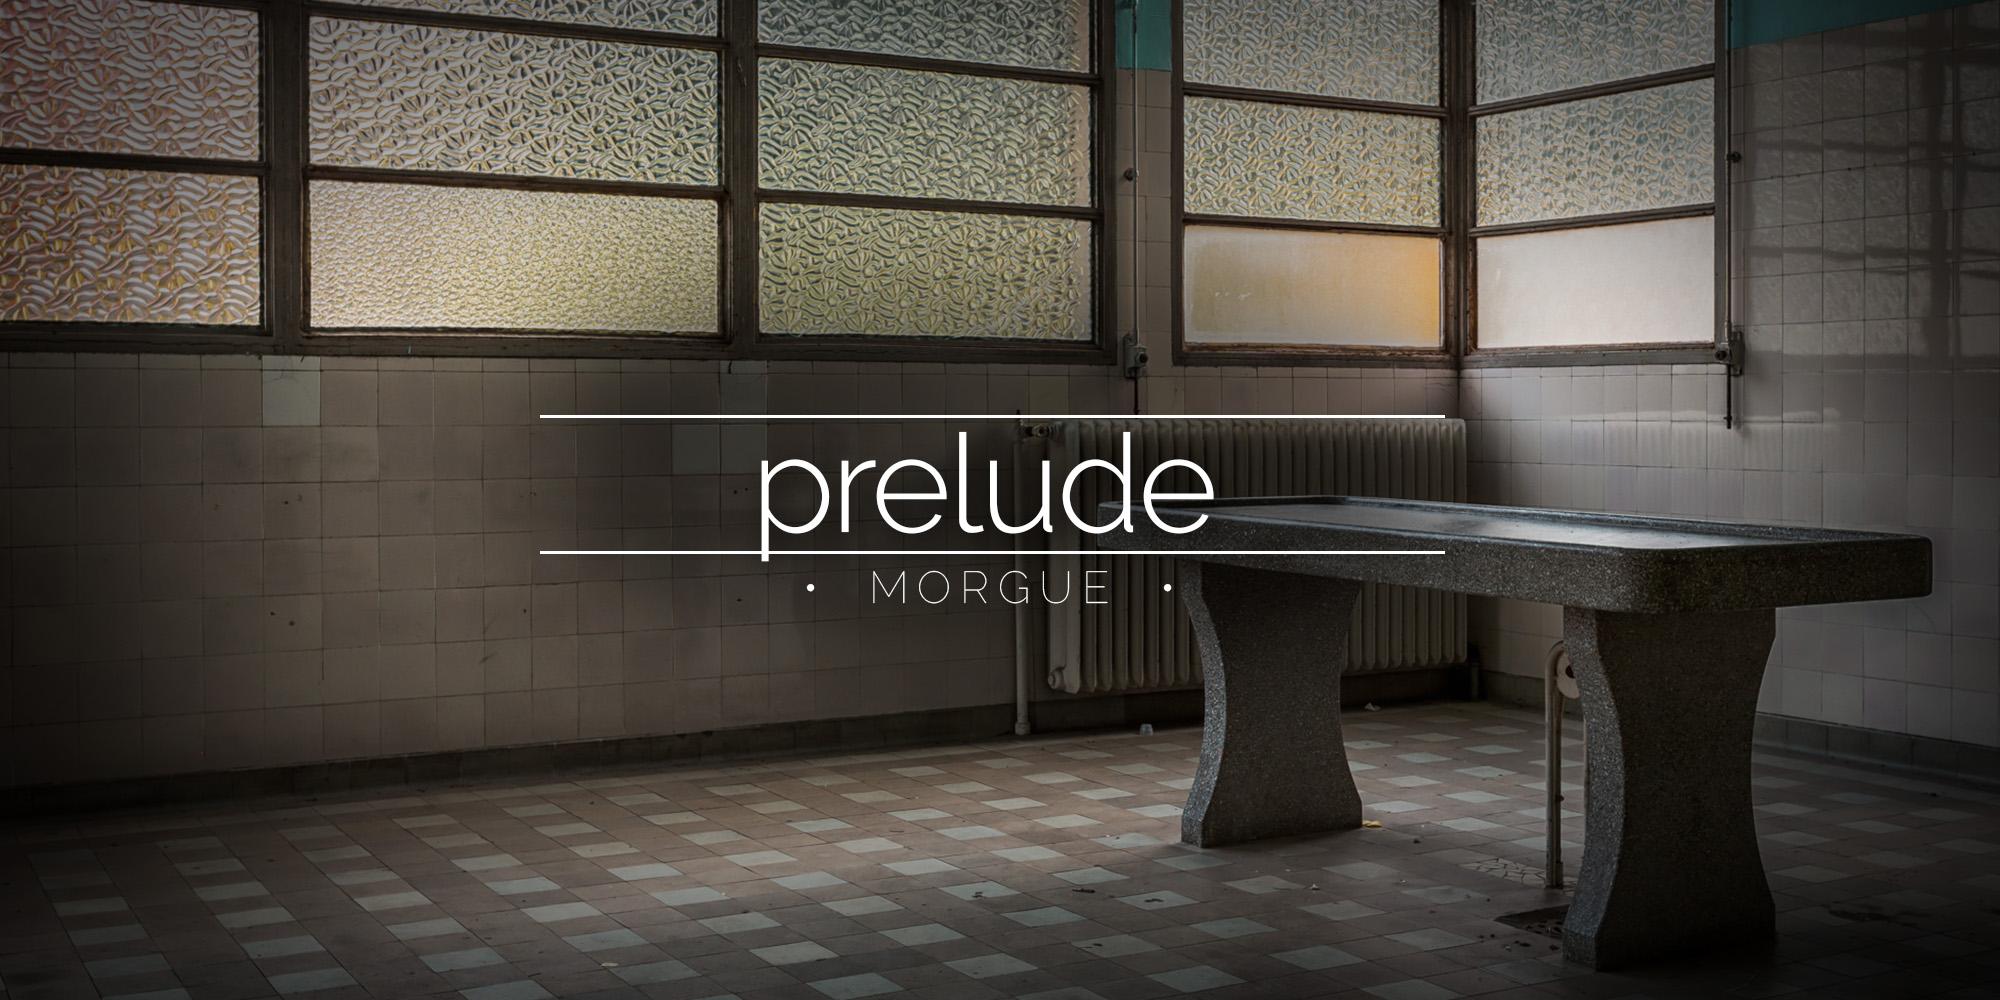 La Morgue Prelude, France